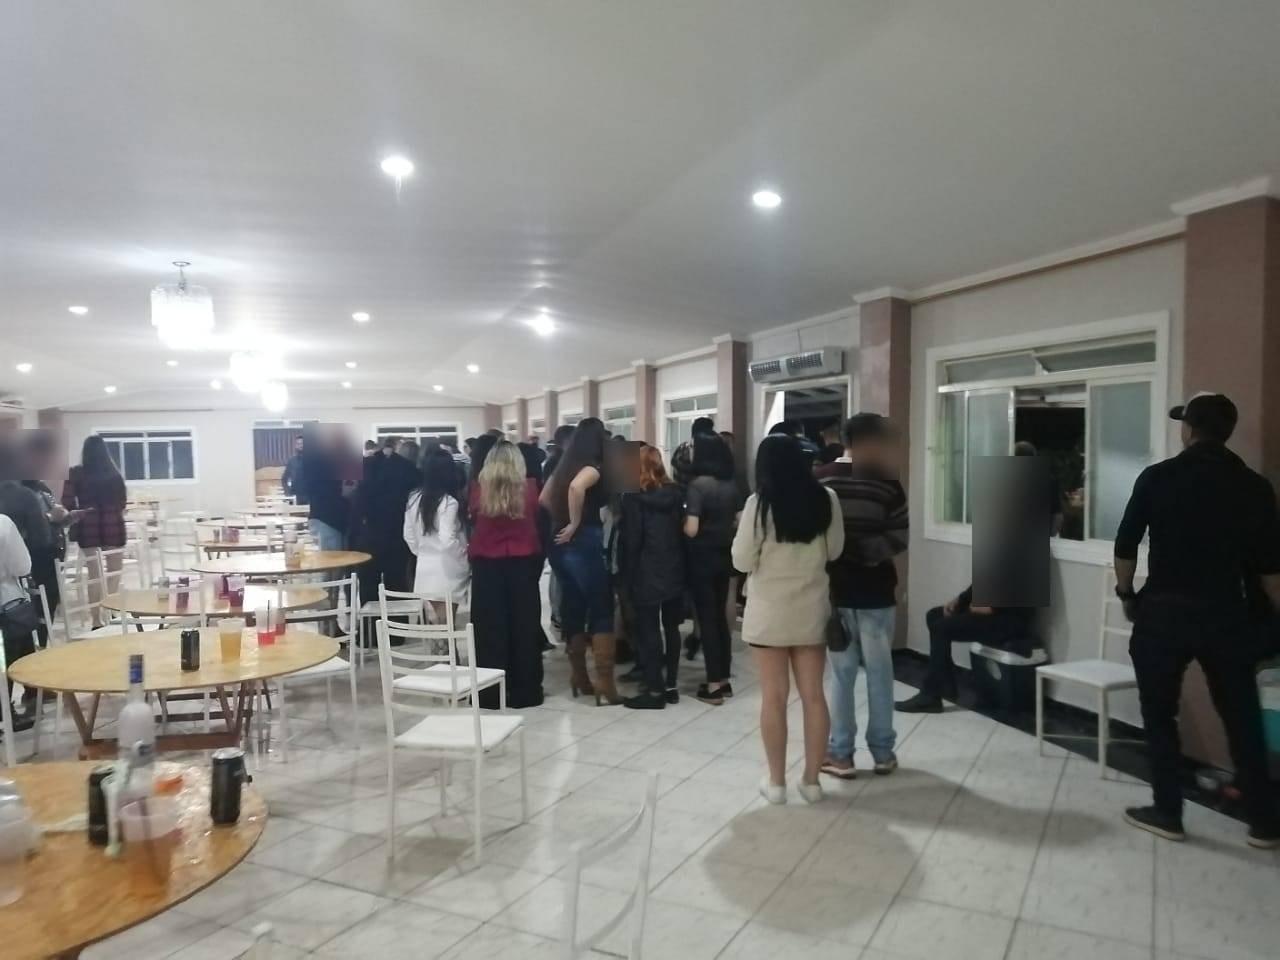 Guarda Civil encerra festa clandestina com 150 pessoas em São José dos Campos